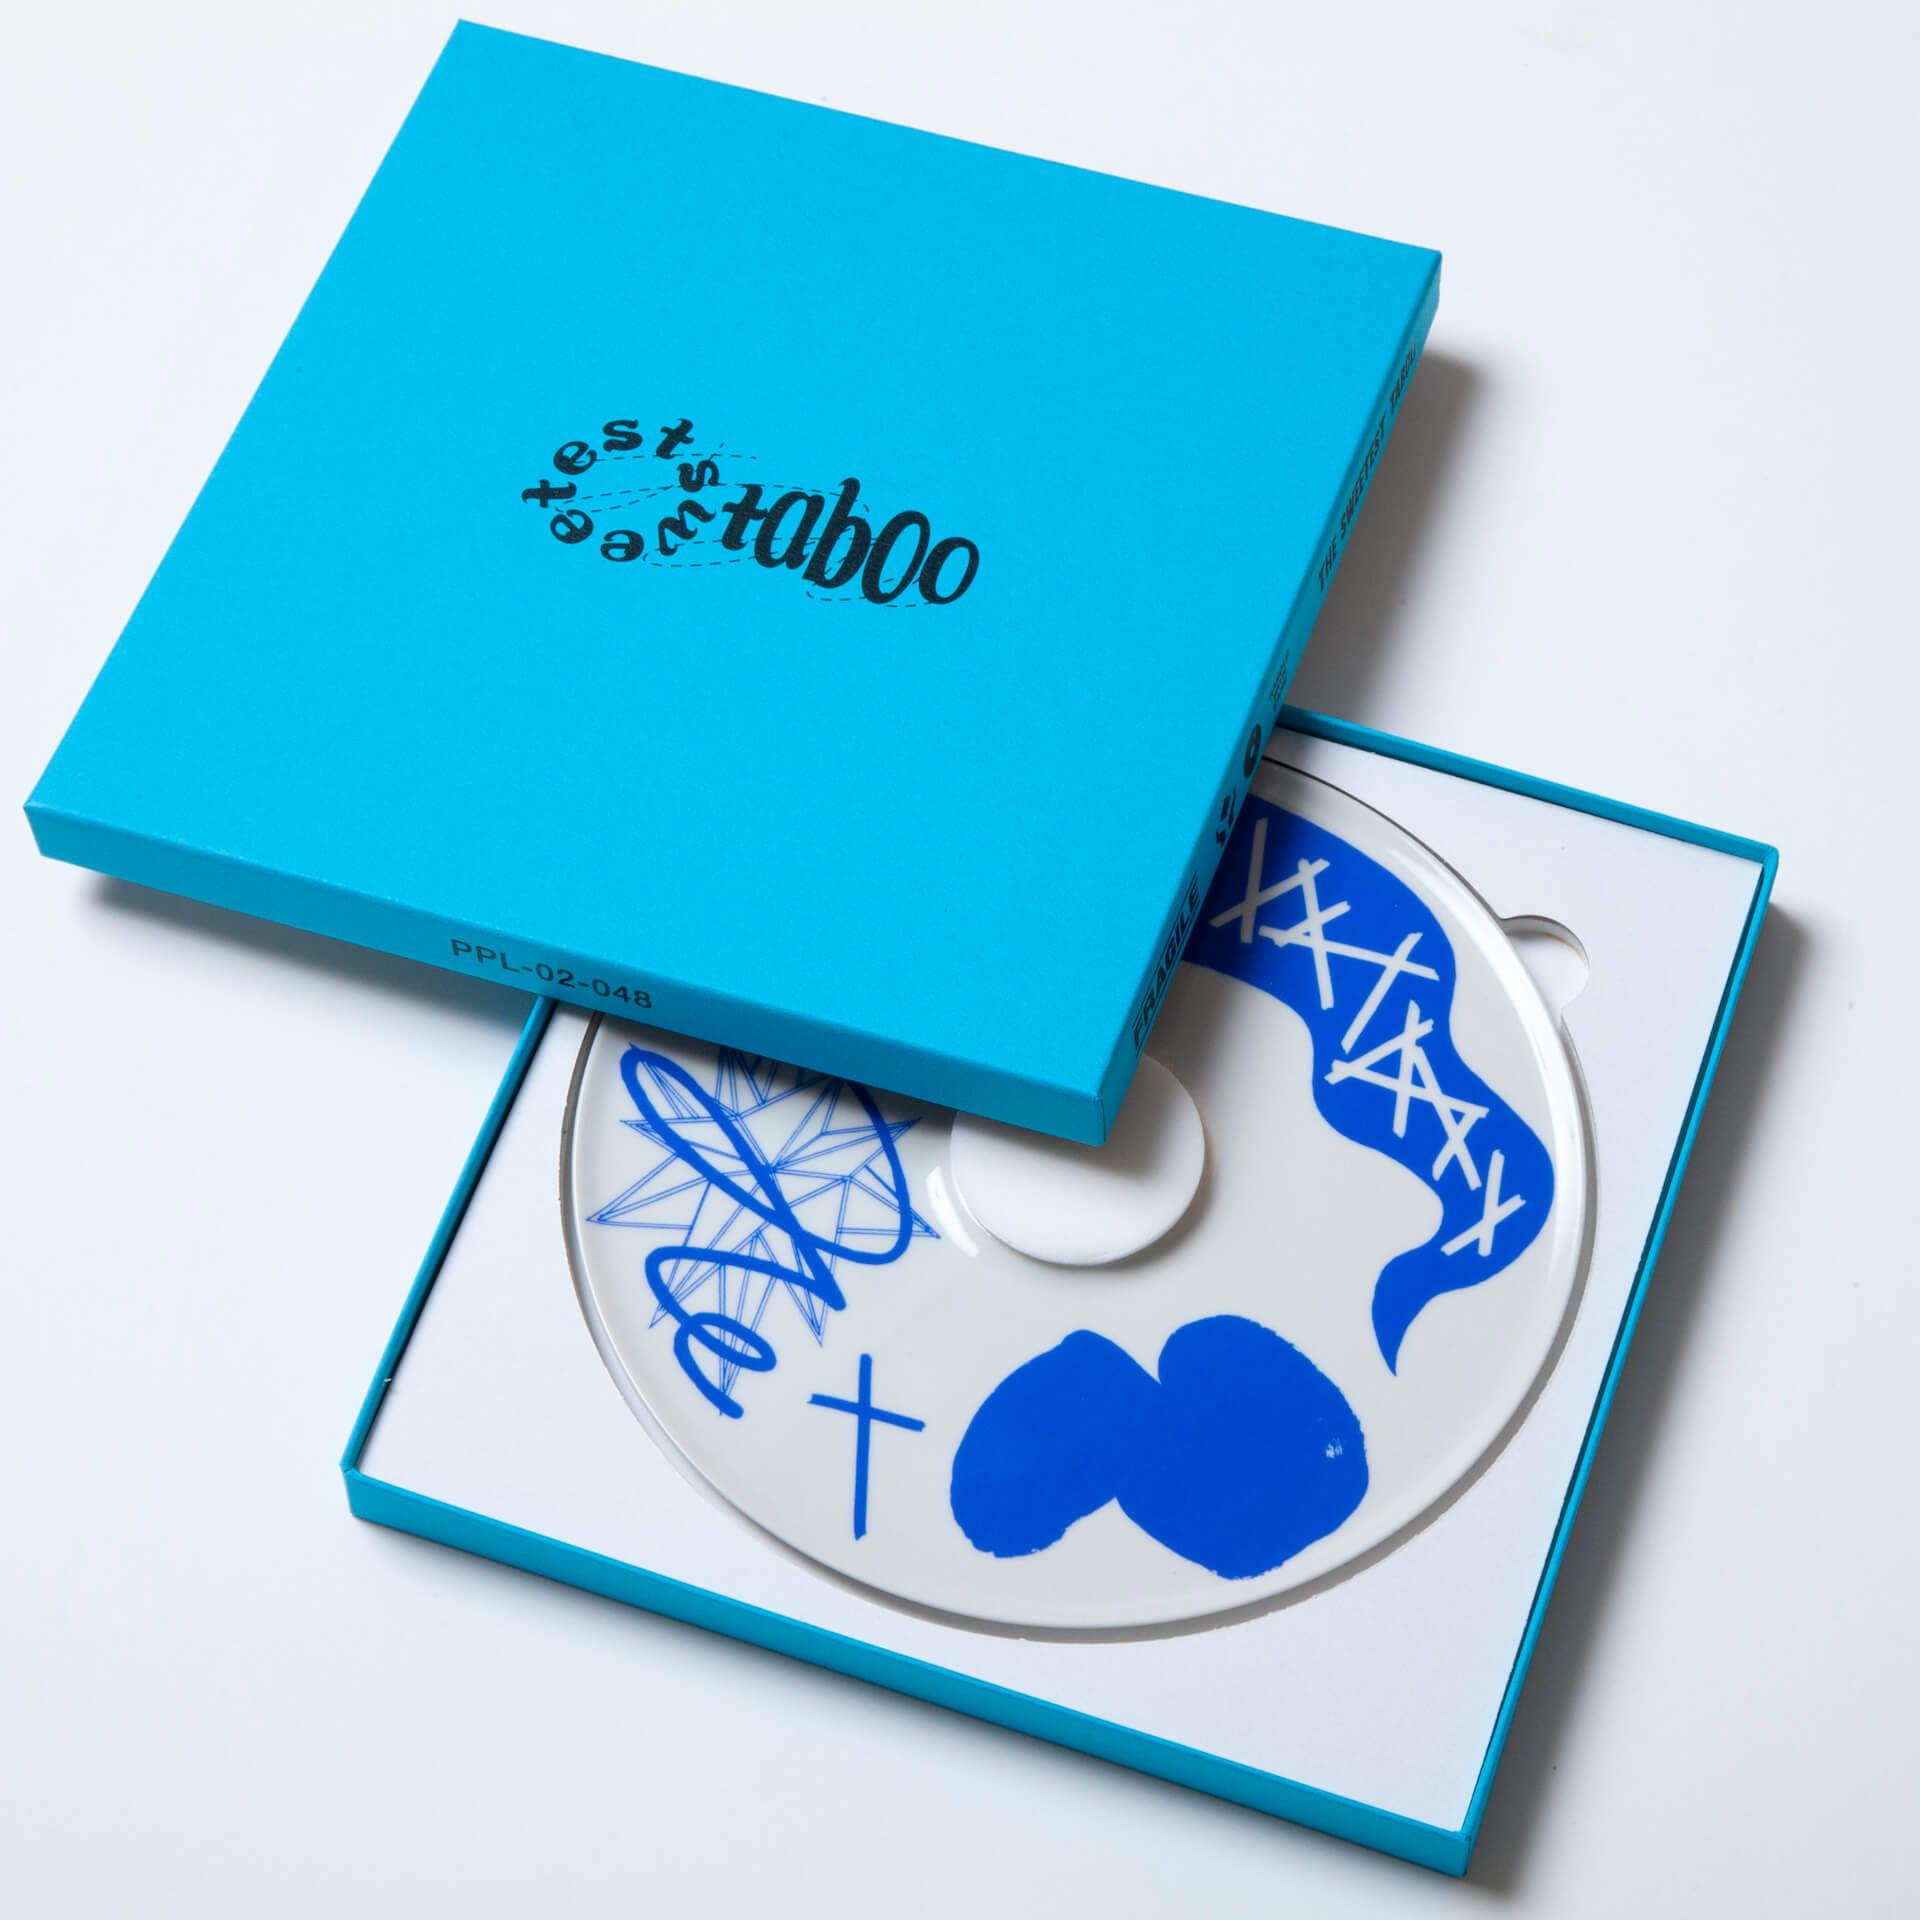 レコード皿プロジェクト『PEOPLEAP』が50種全てのデザインを披露する展示を「THINK OF THINGS」にて開催! art210909_ppl_4